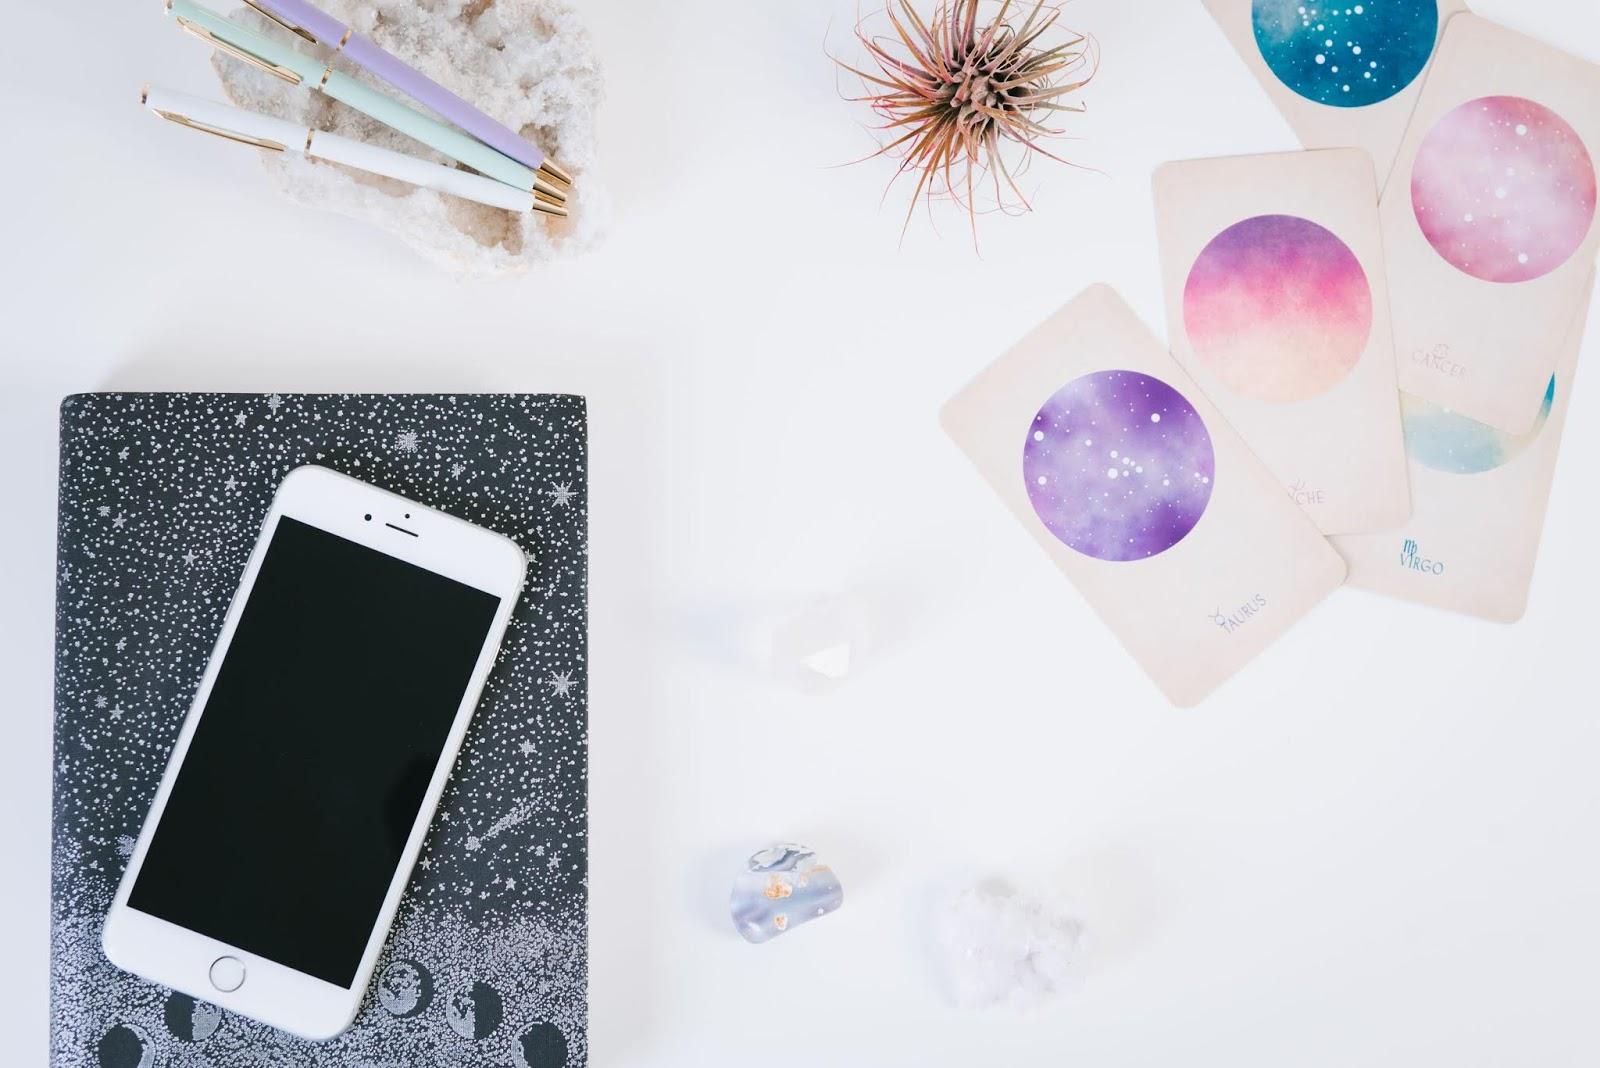 Tarot Journal and Tarot Cards